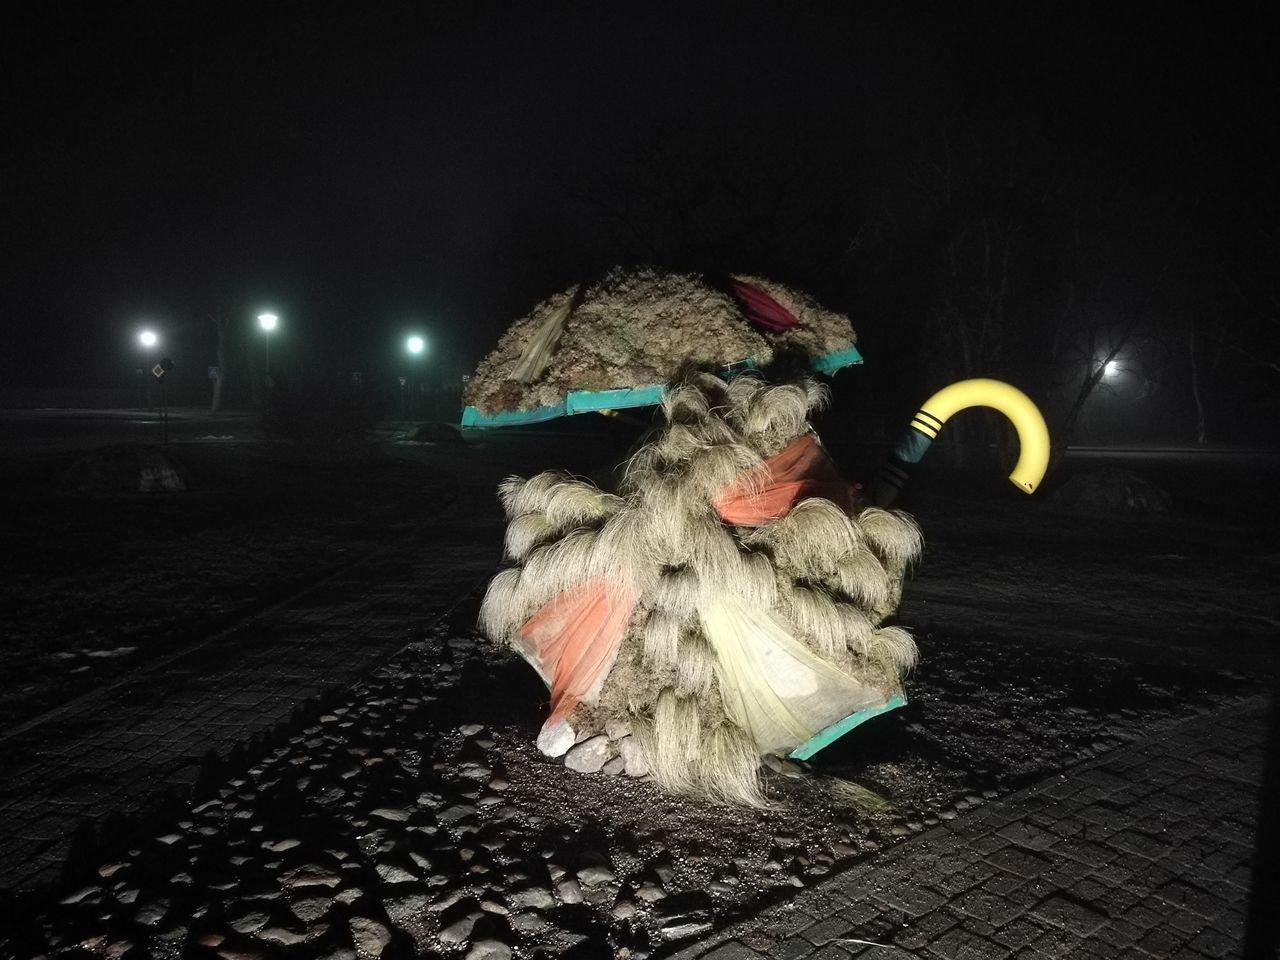 night, illuminated, costume, celebration, no people, outdoors